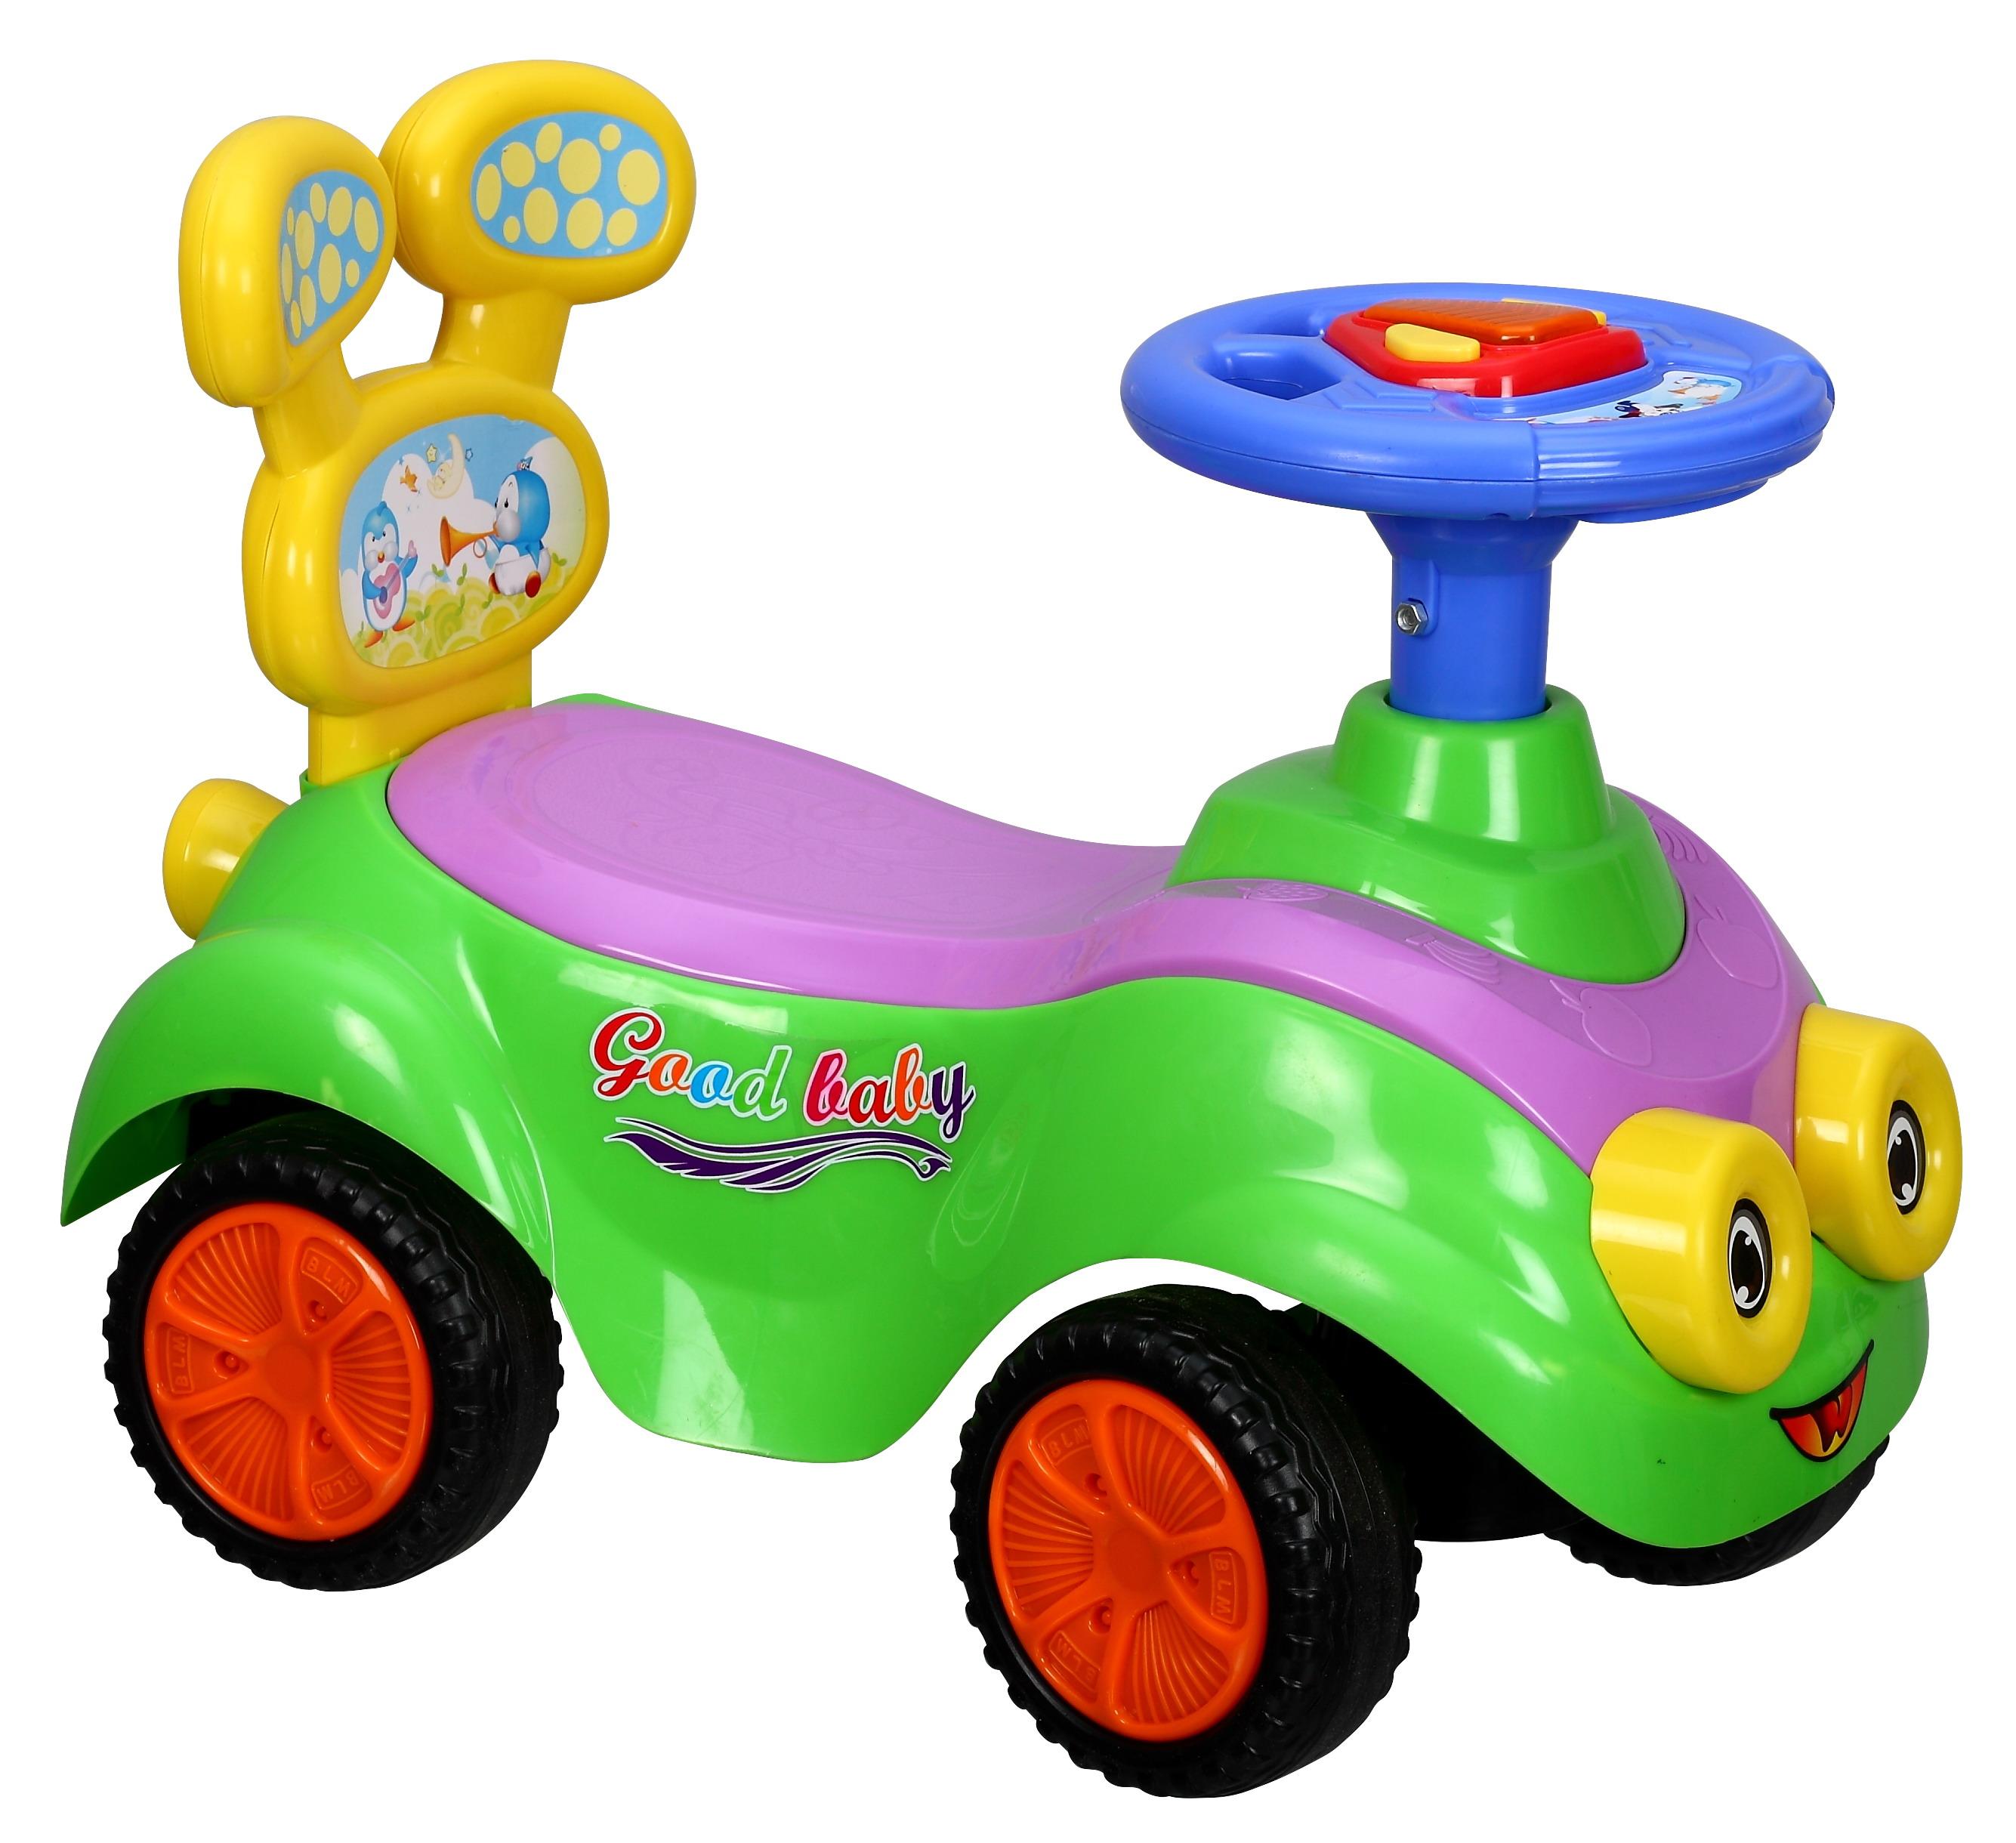 Toy Car RFL